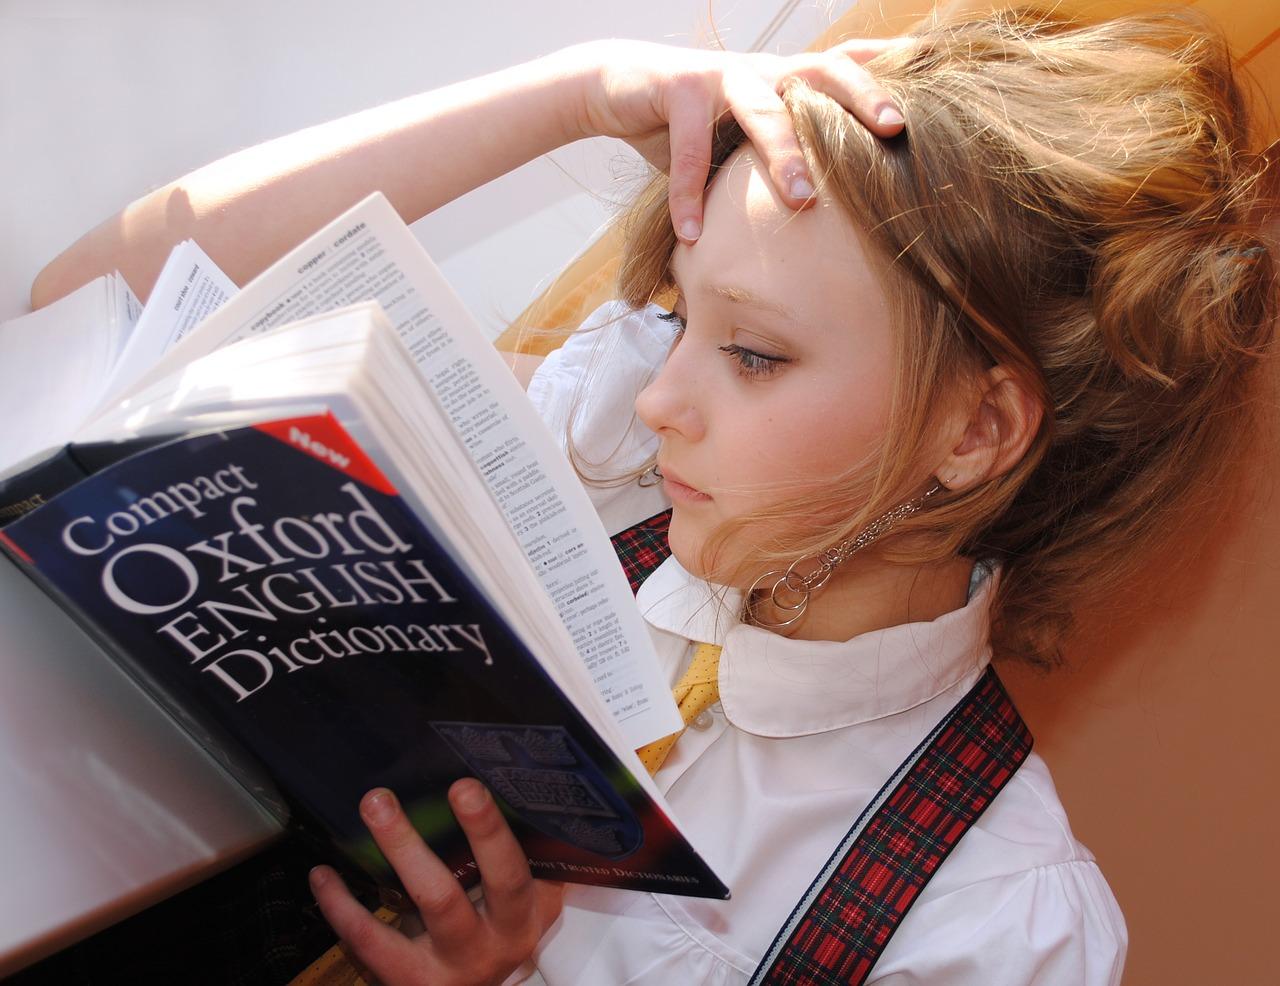 Ekspresowy kurs obcojęzyczny – angielski od podstaw online. Darmowa nauka angielskiego: lekcje angielskiego online